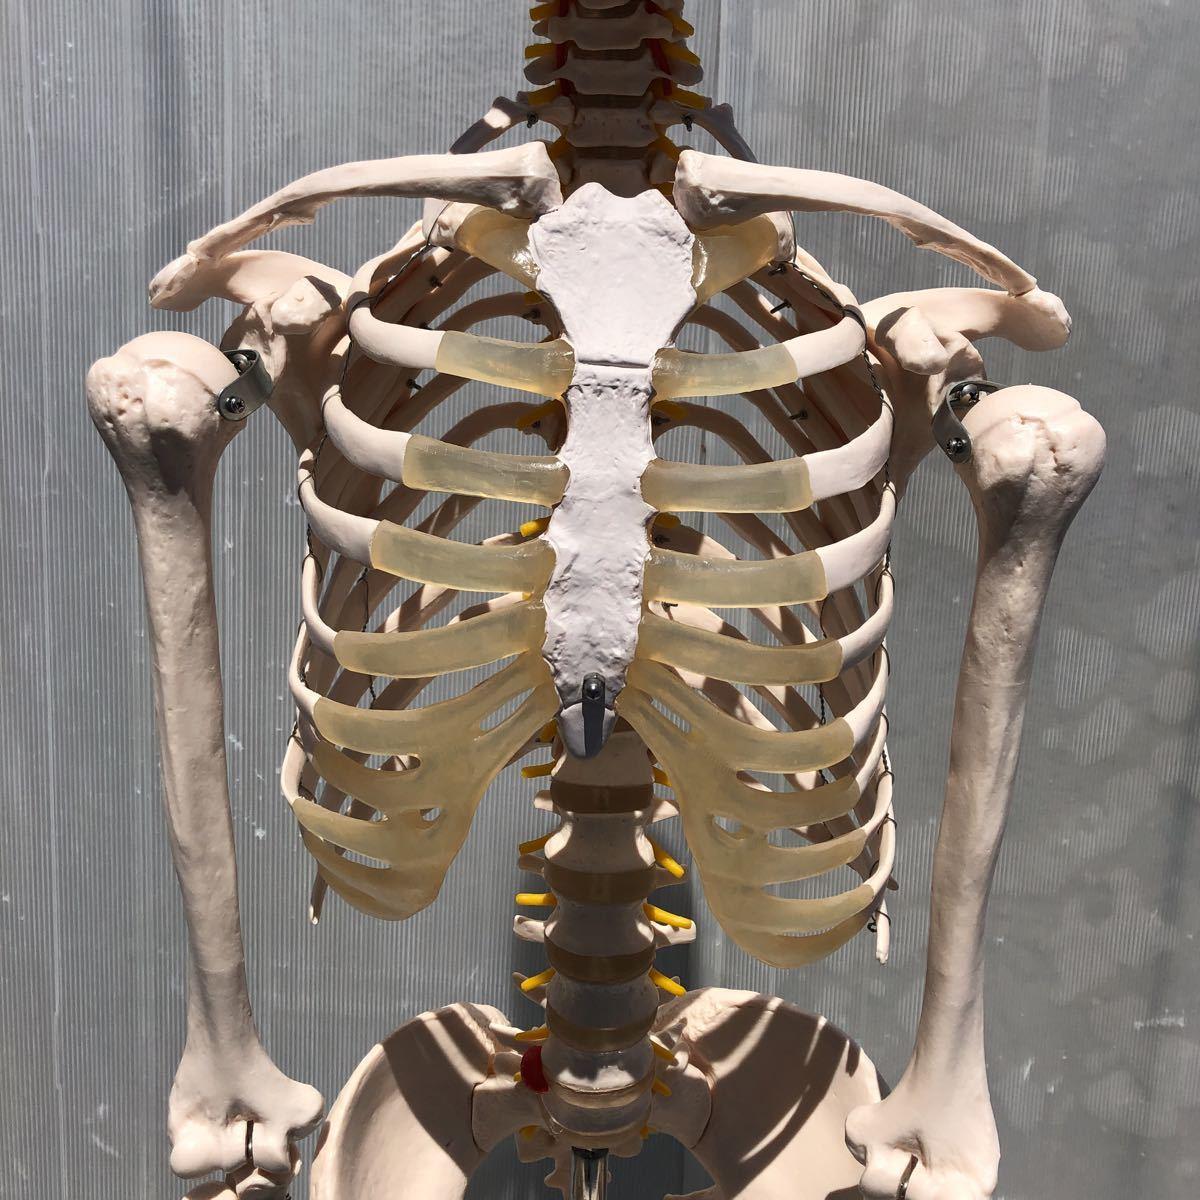 【美品】人体模型 骨格模型 骨格標本 等身大 ヒューマンスカル ガイコツ スカル 約165cm 医学 実験 骸骨 ジャンク 直接取引可能(矢199)_画像3